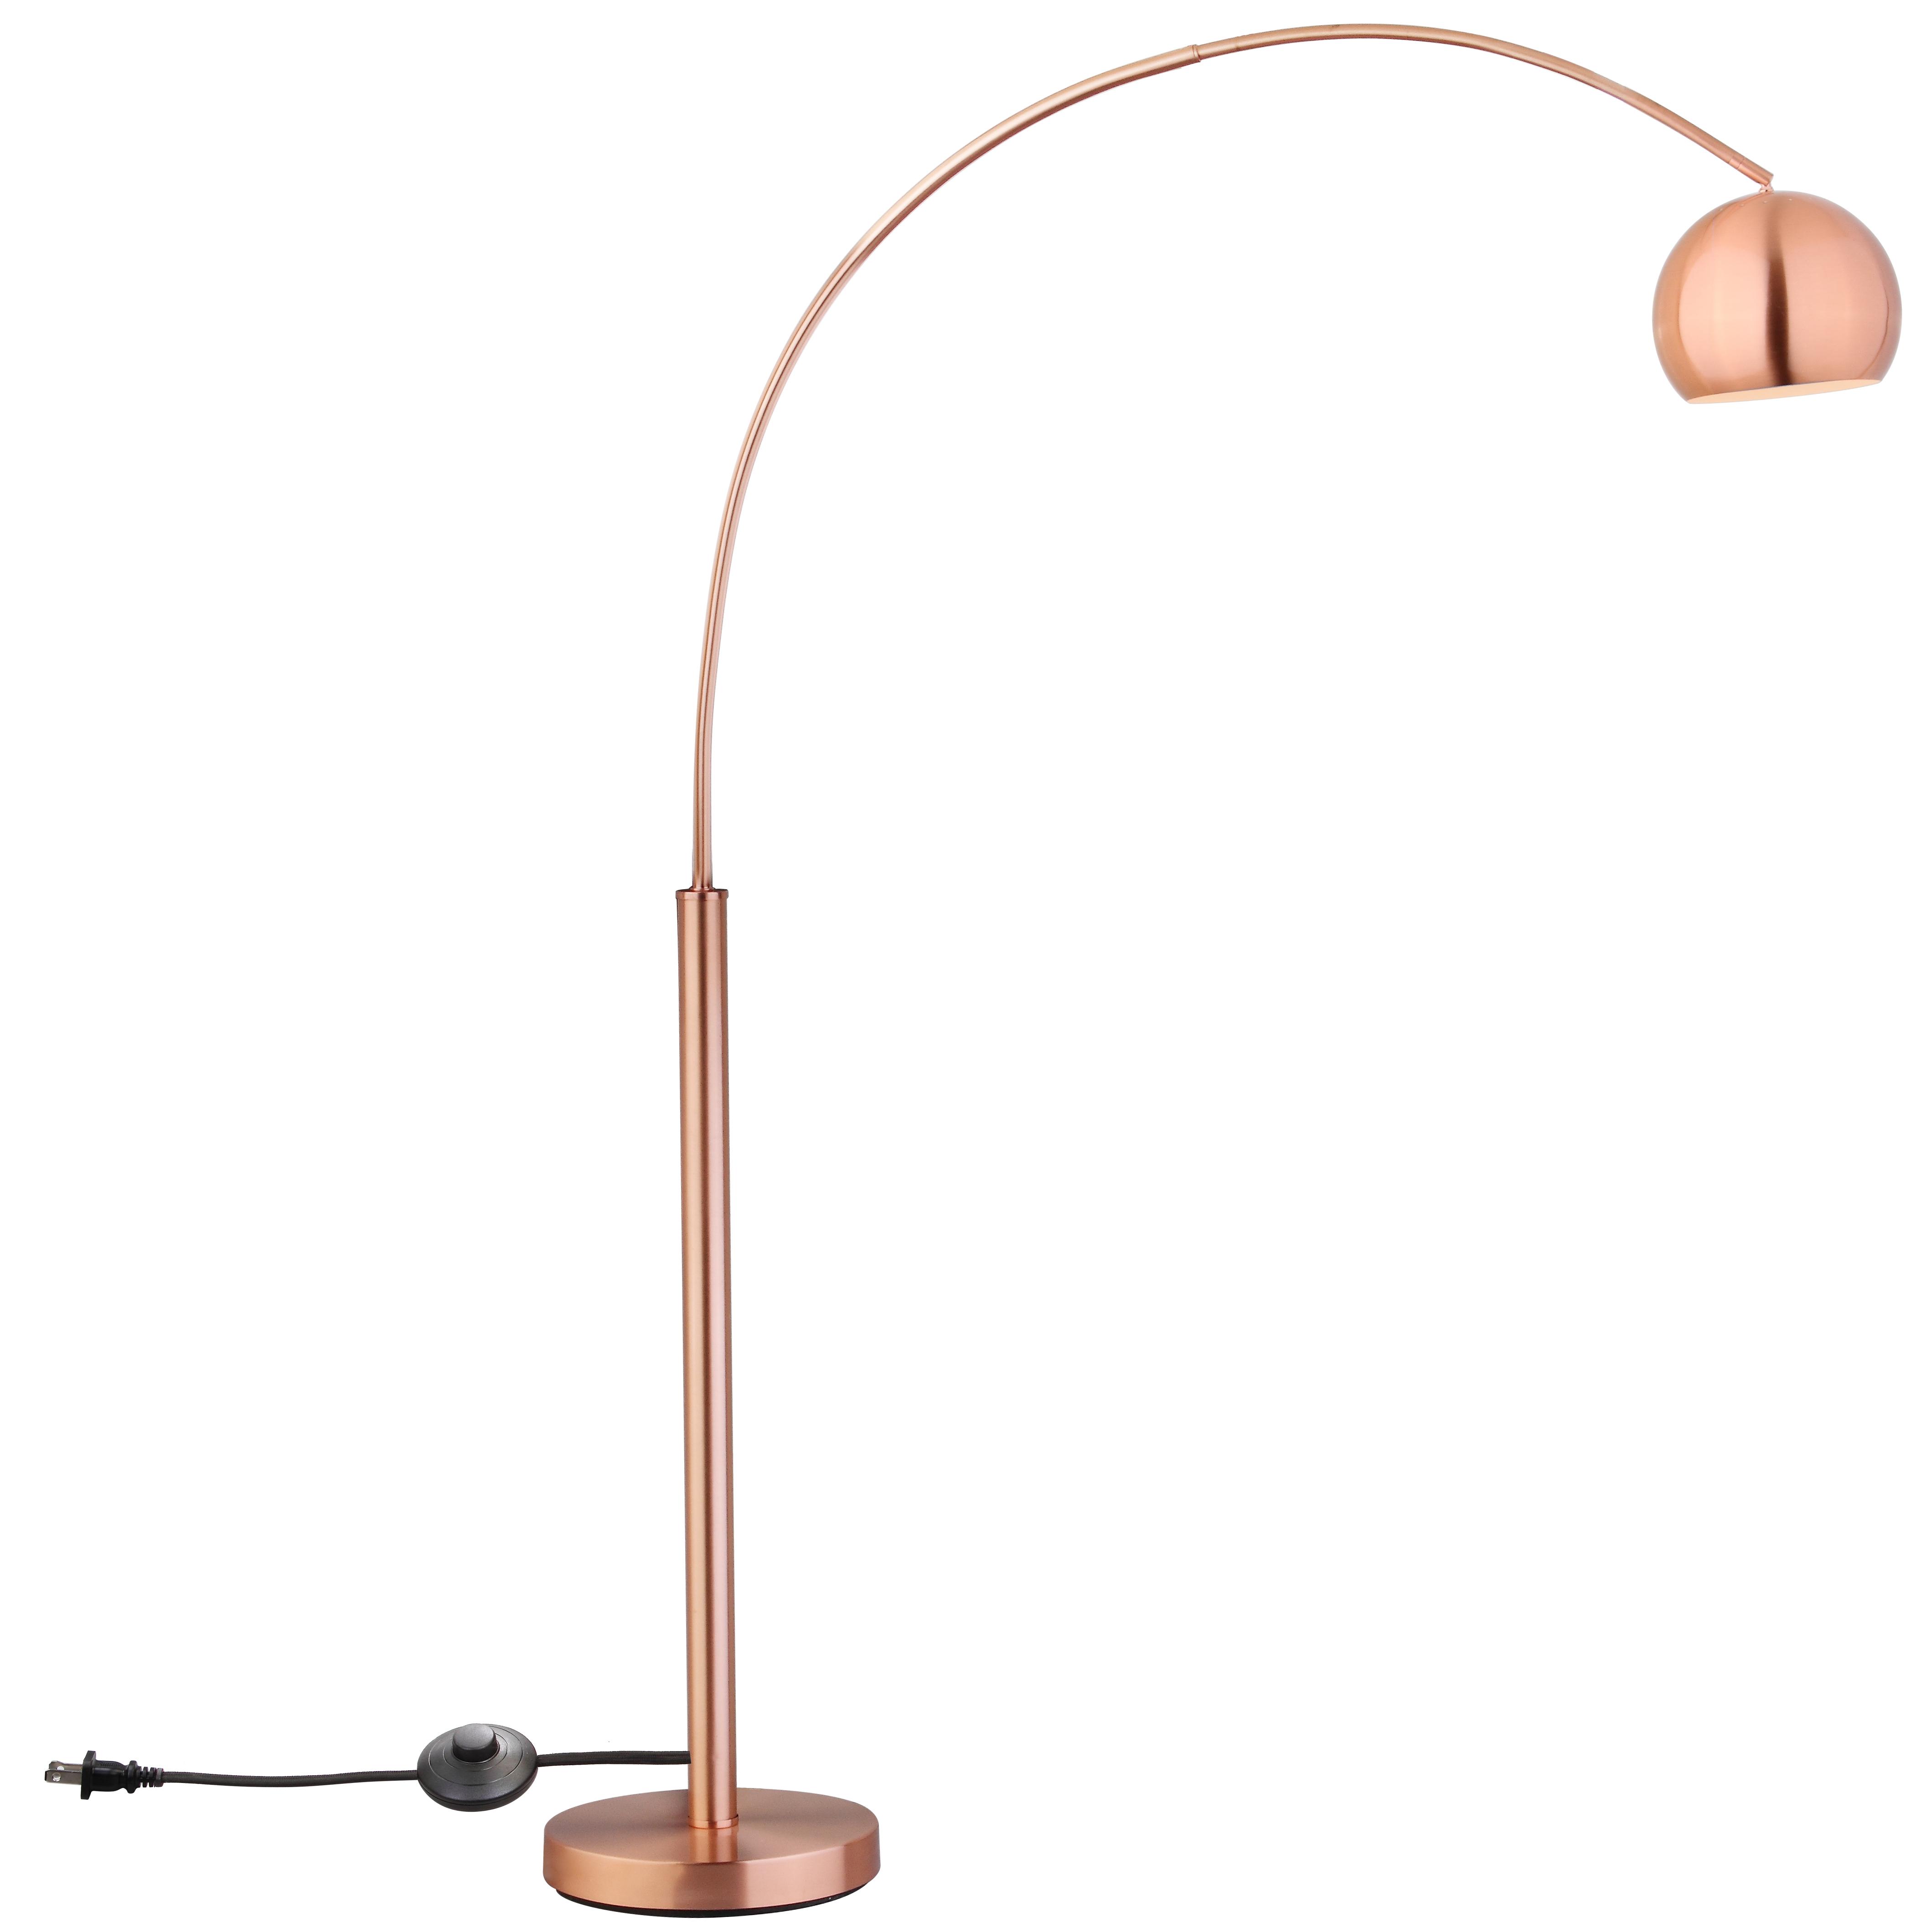 Safavieh Sade floor lamp